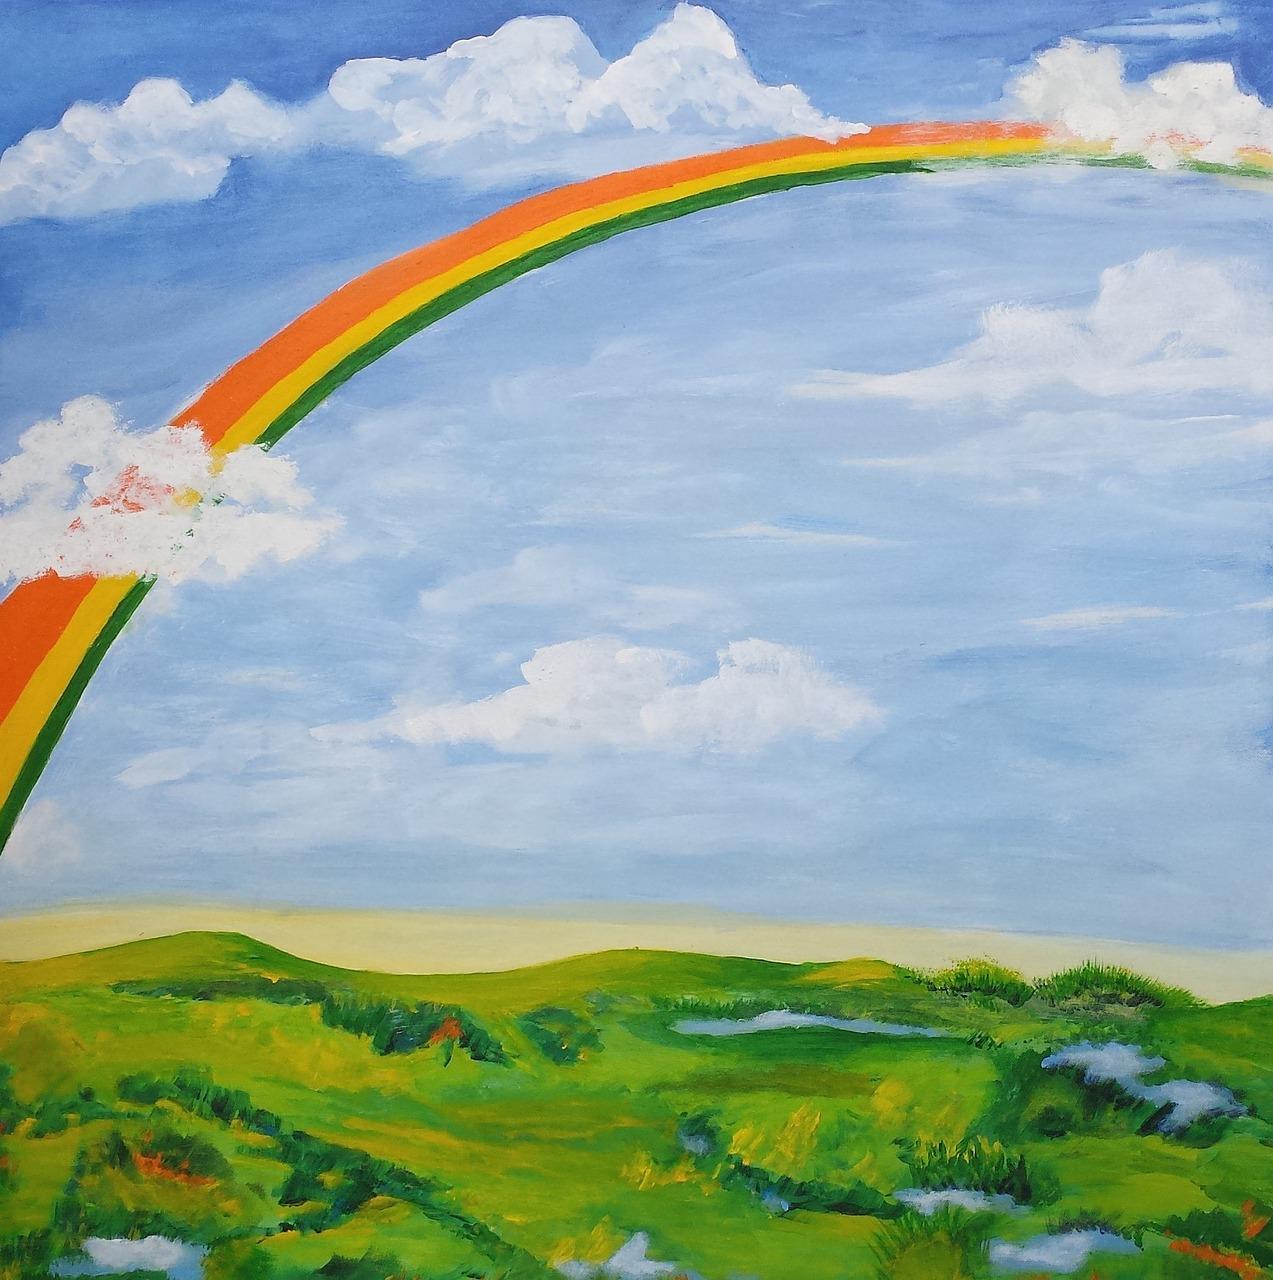 Марта для, открытки с радугой в поле